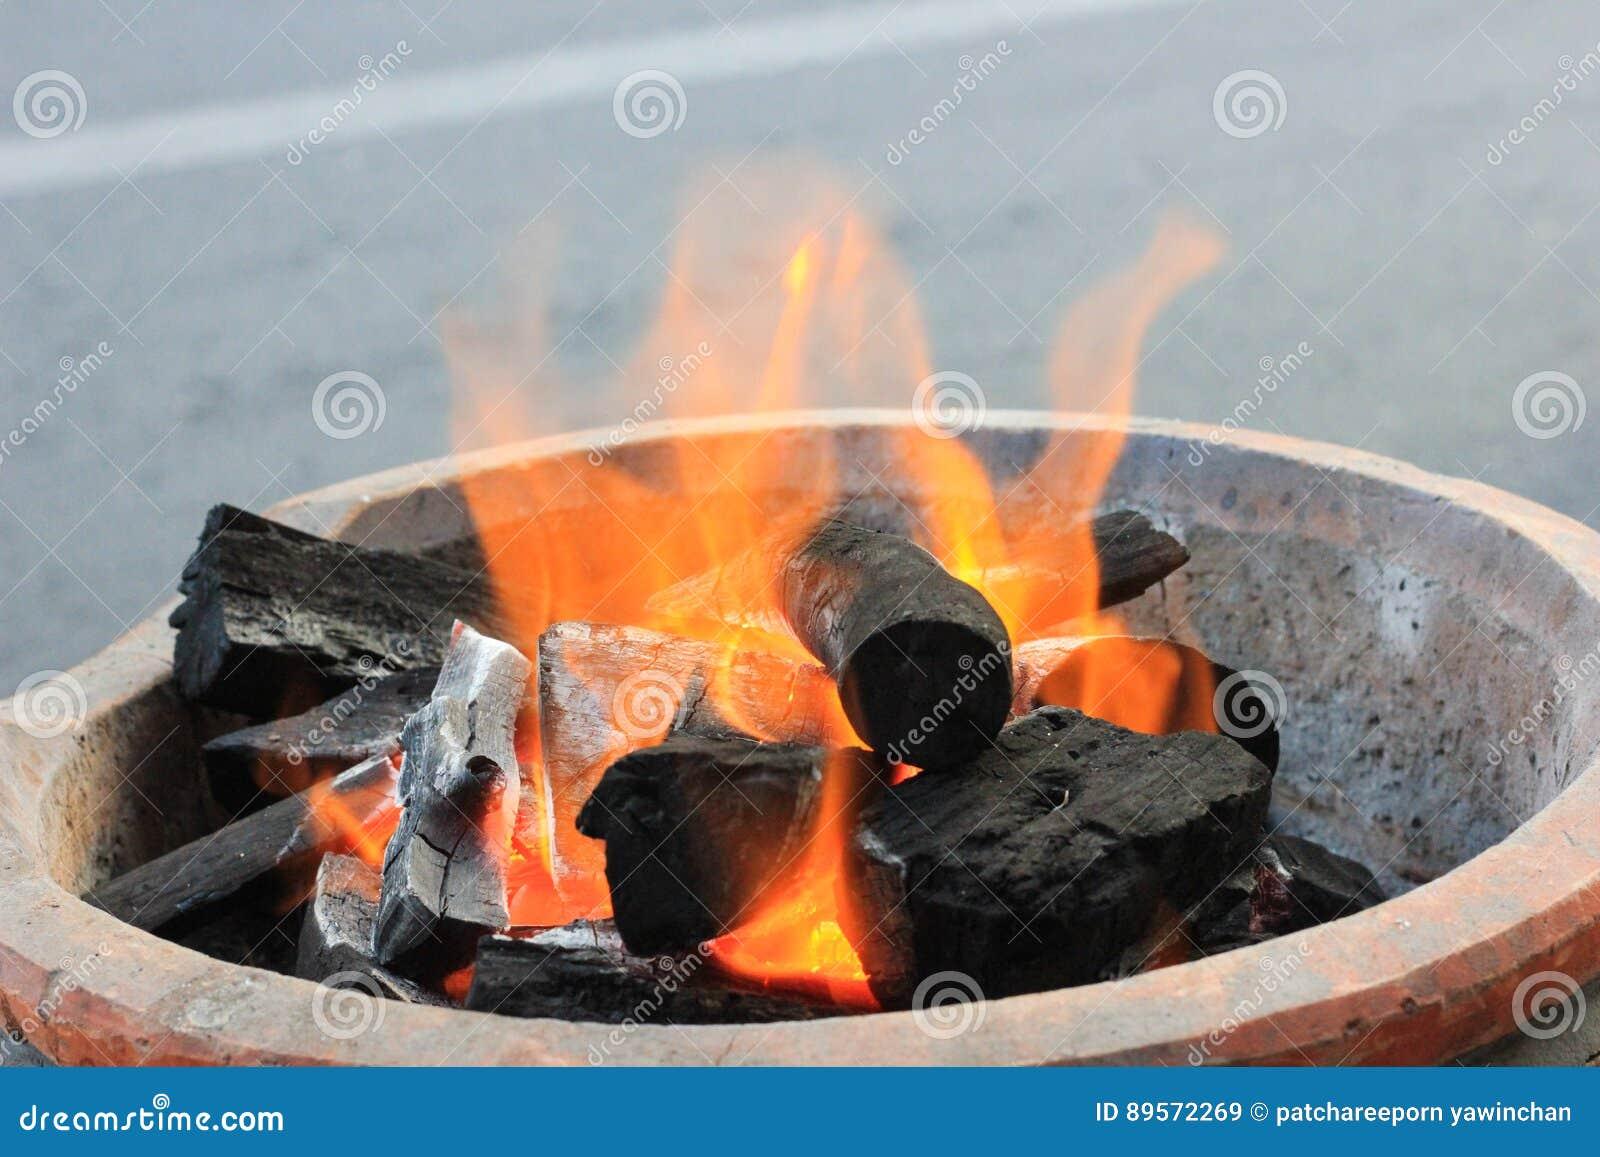 炭渣和火焰